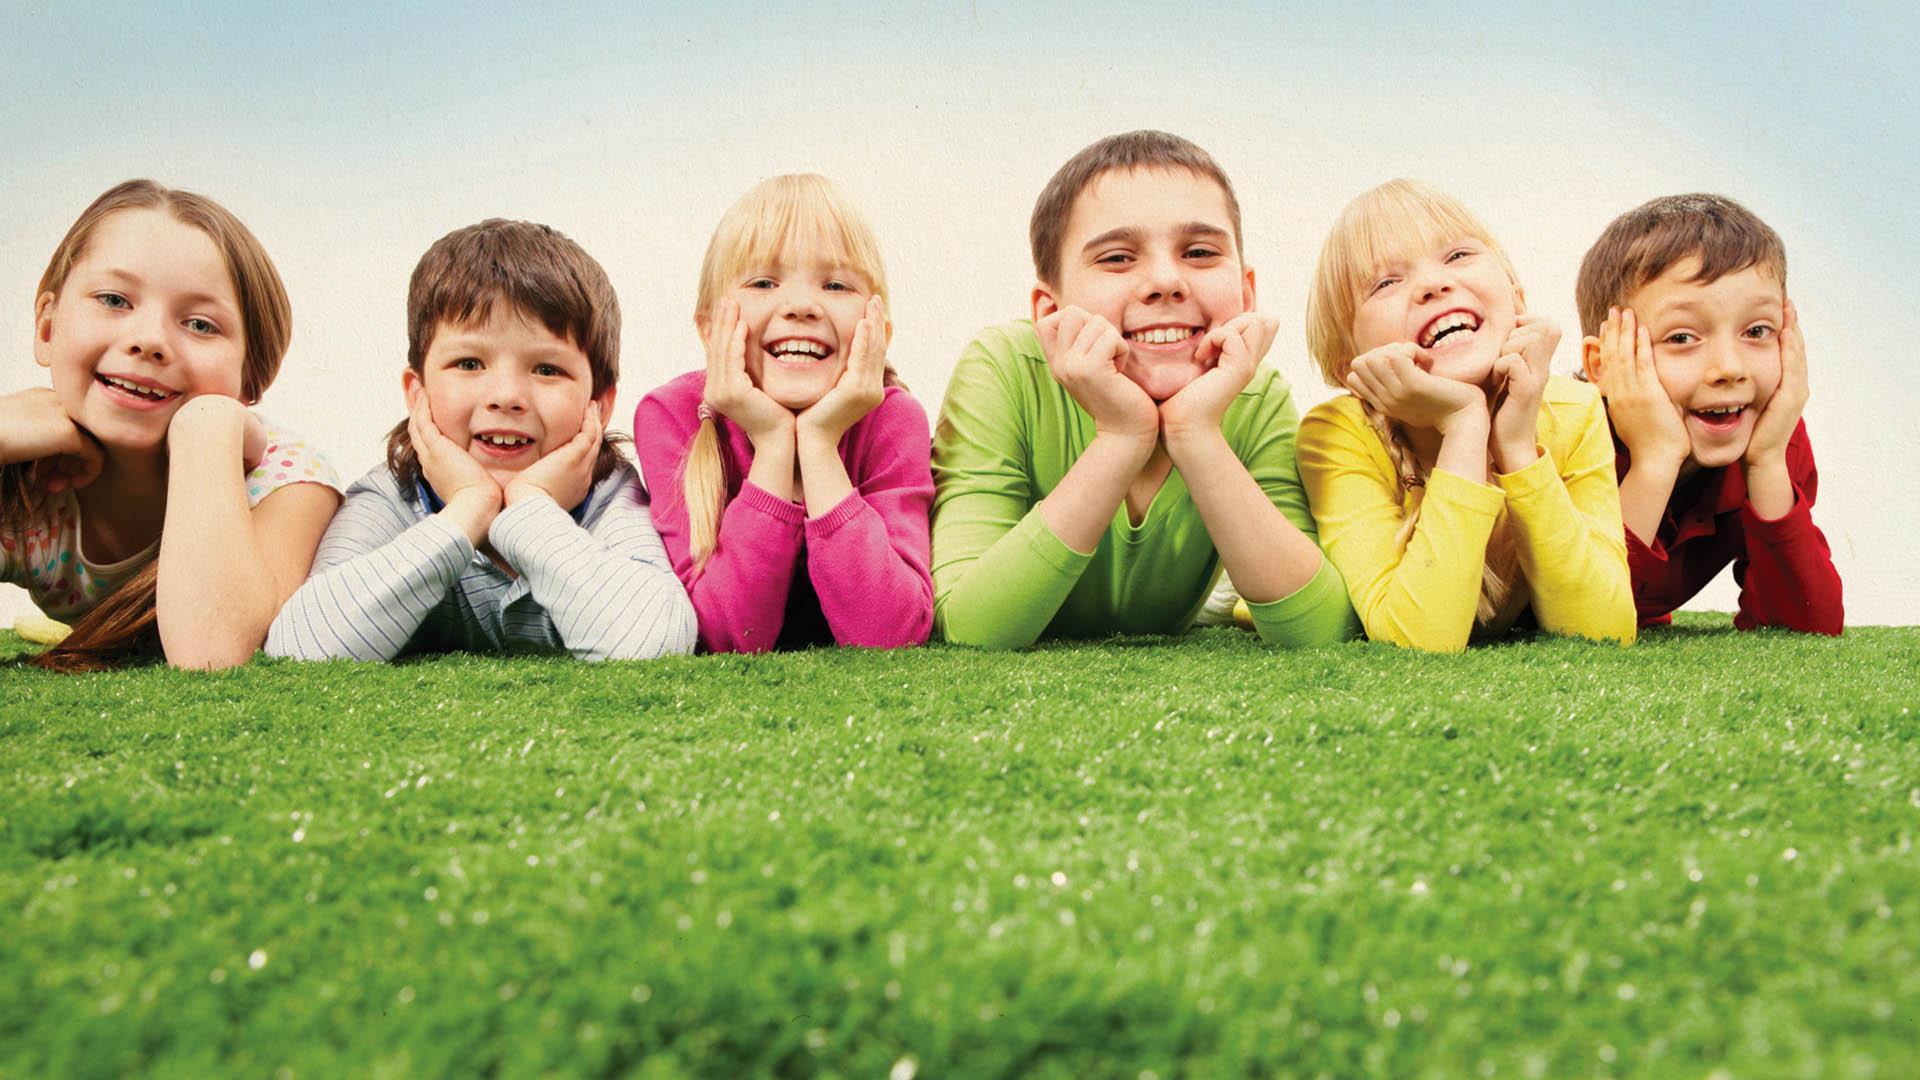 Fotos dos miúdos